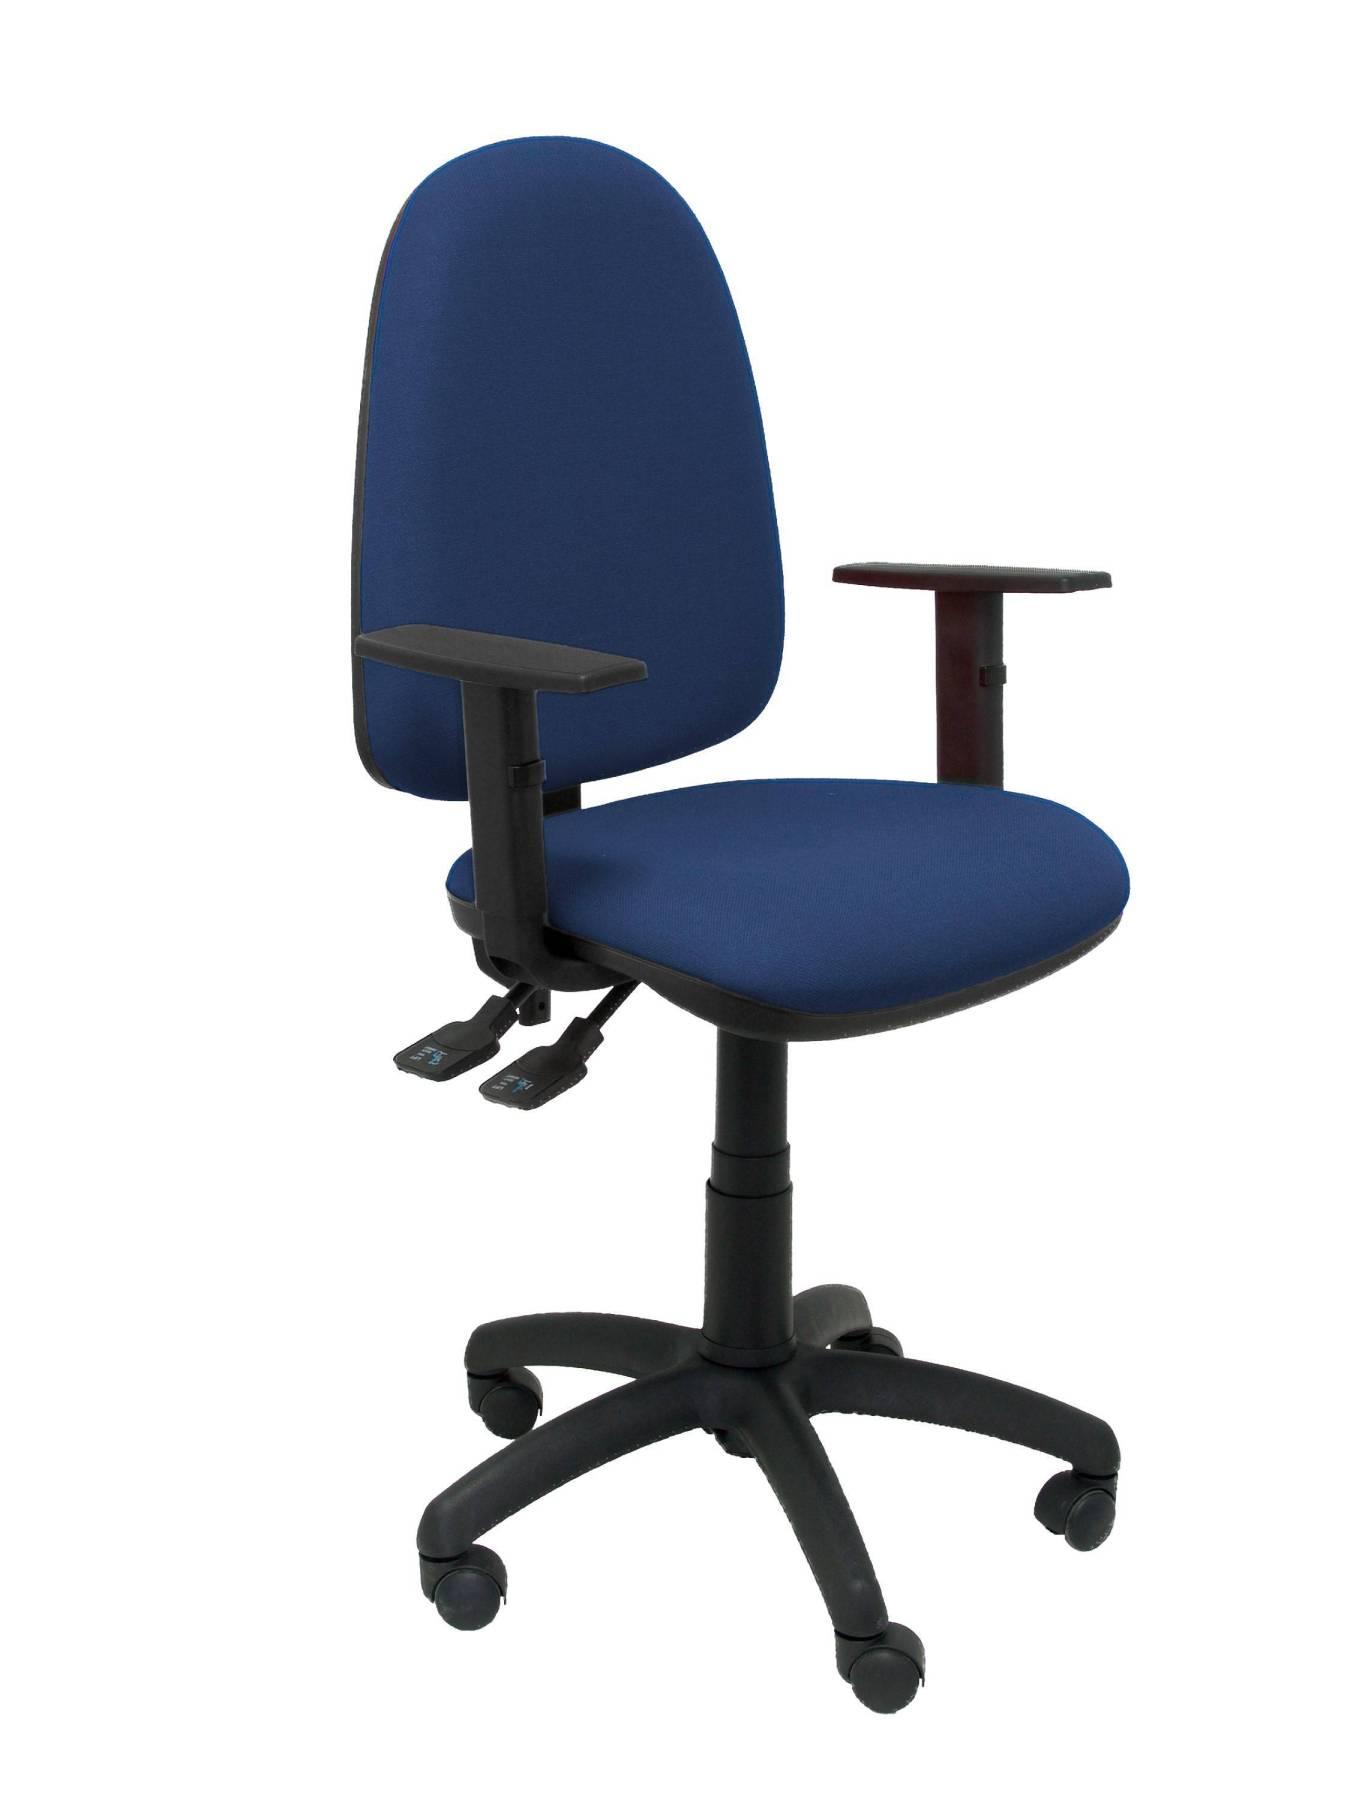 כיסא של משרד עם קשר קבוע של בית מנגנון כפול ידית וdimmable בגובה רב-עד מושב בלימת כדור tapizad